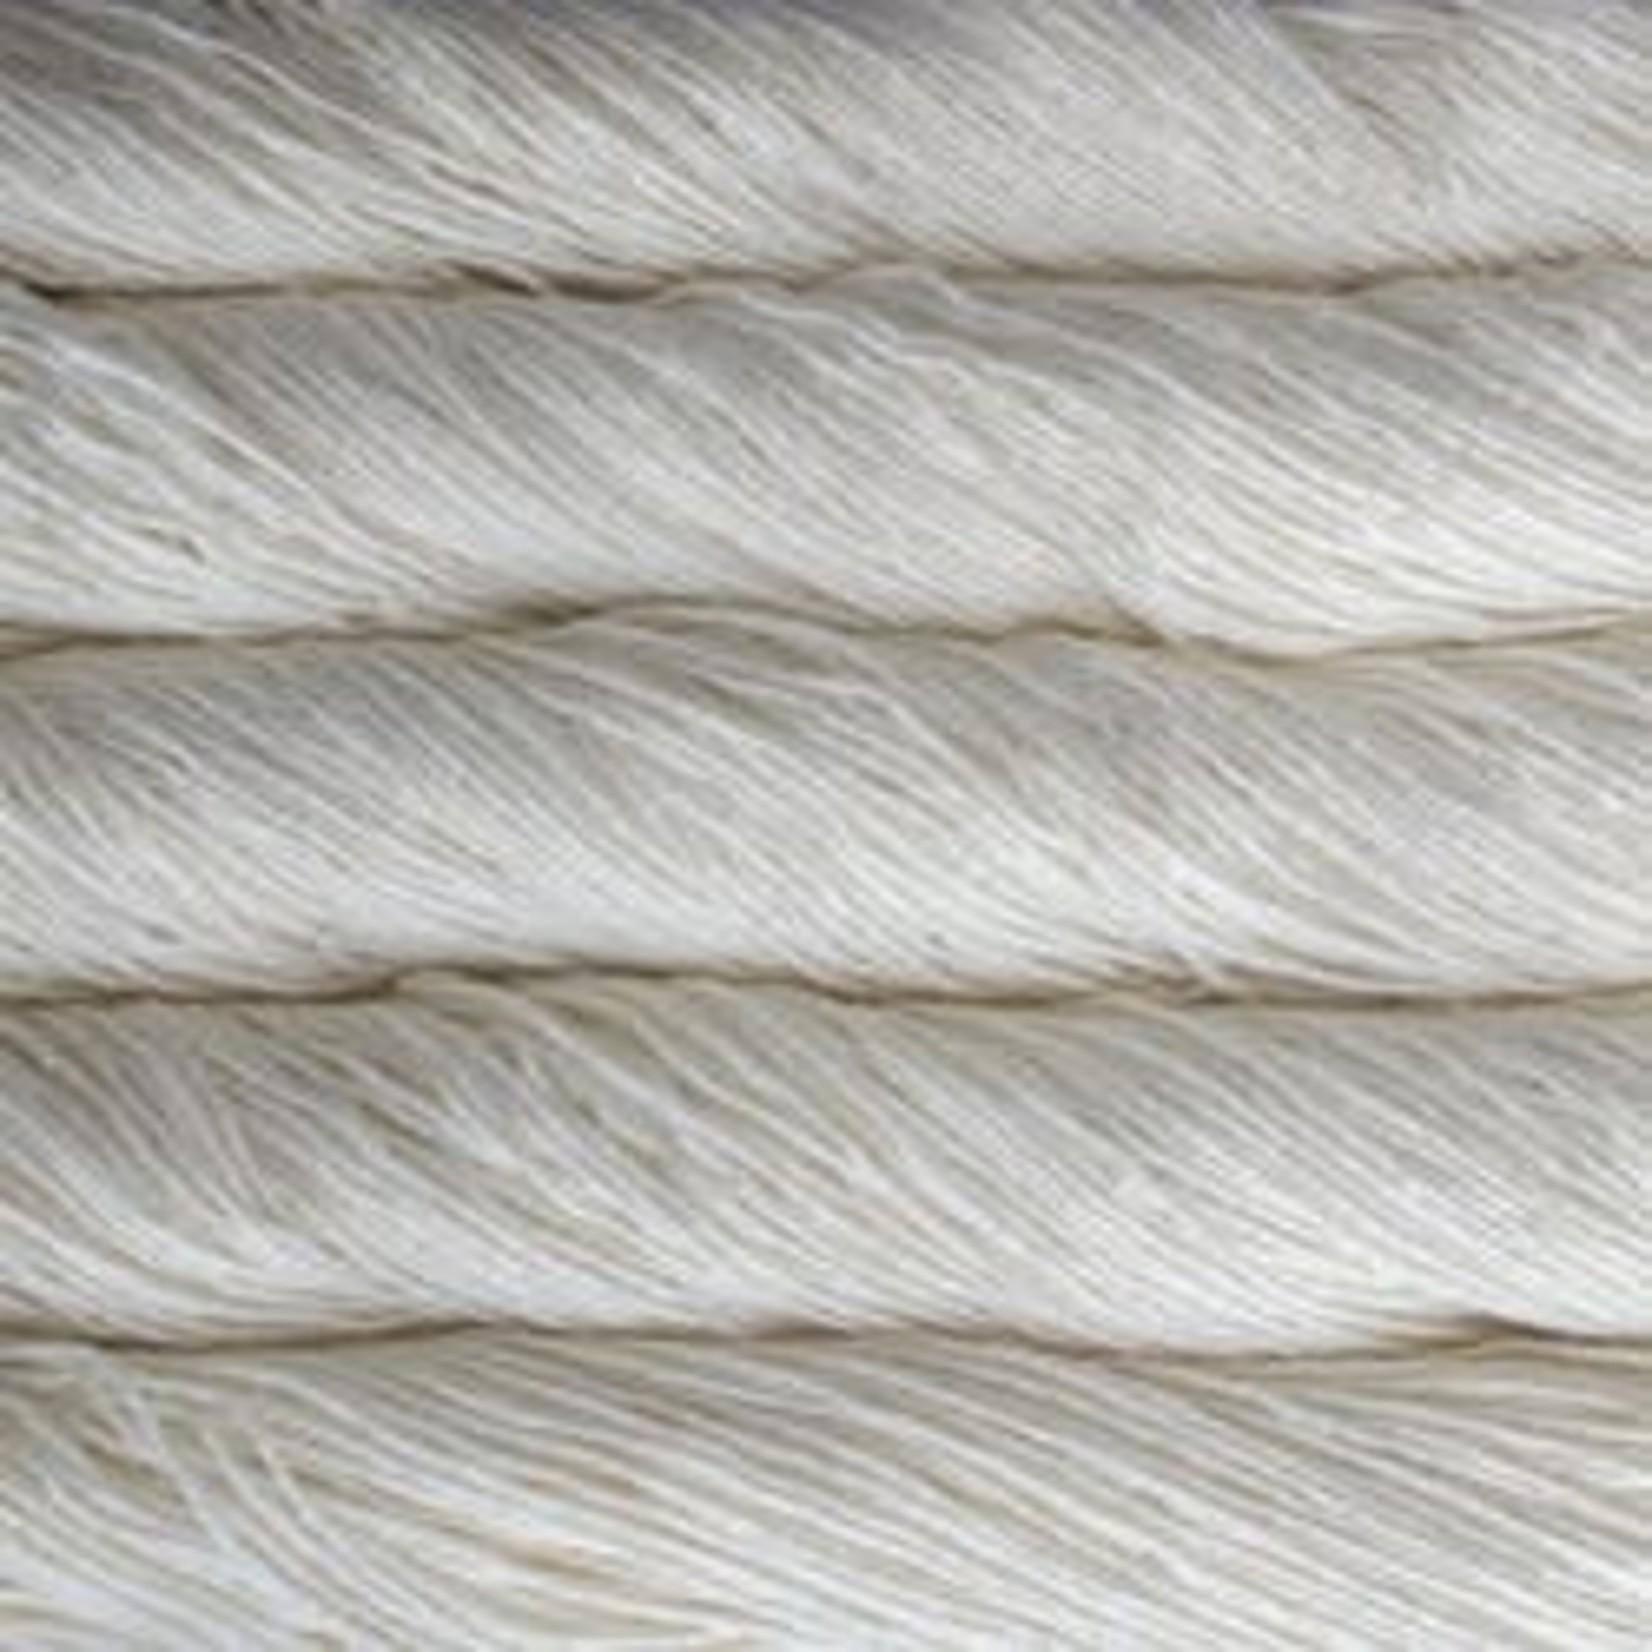 Malabrigo Washted, WD063, Natural